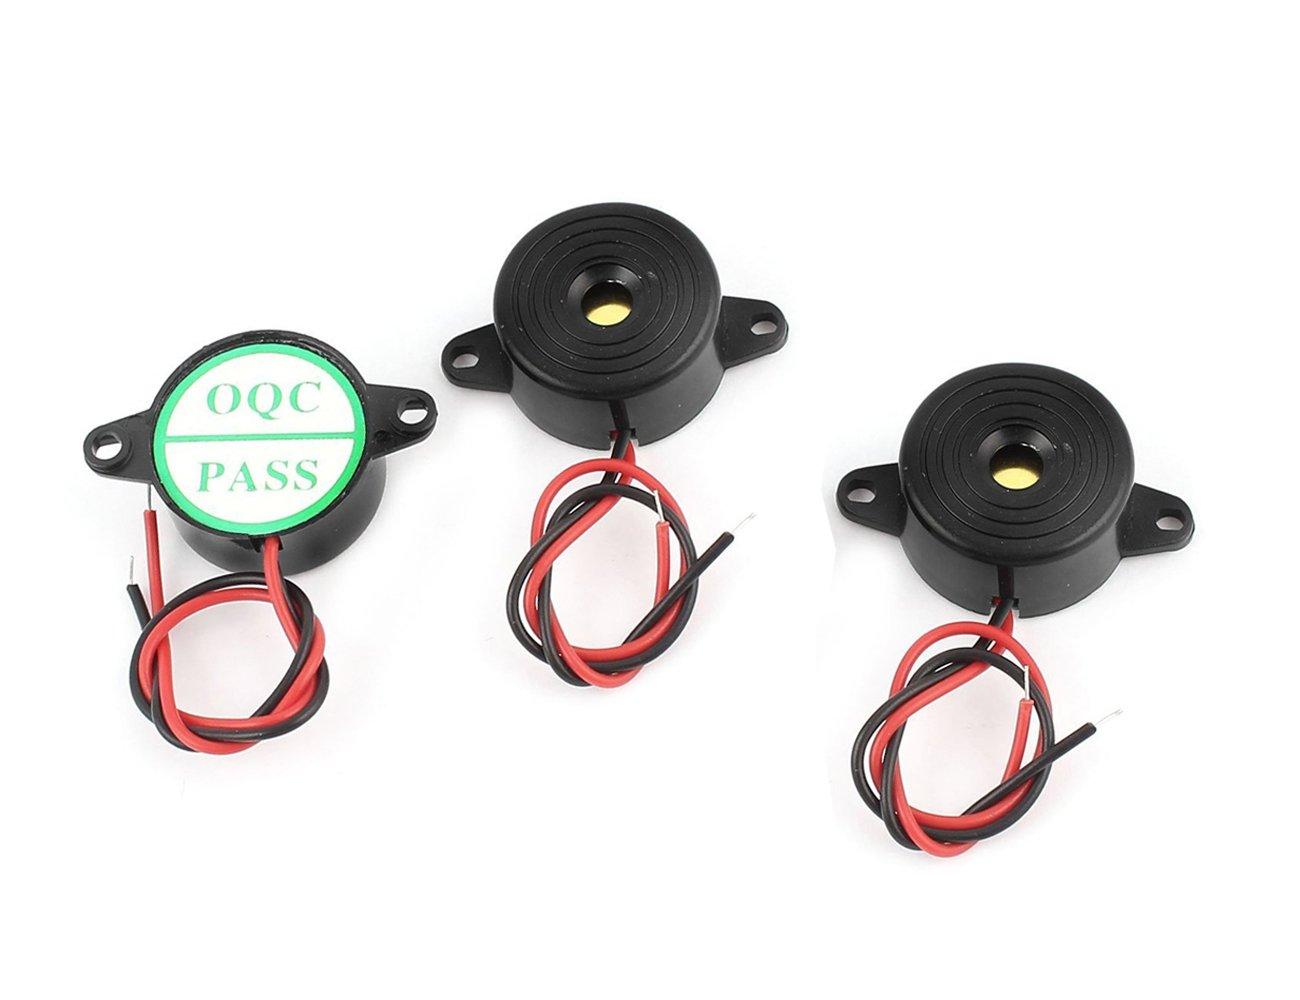 DIY Proyecto DC3 - 24 V de sonido continuo Alarma electrónica Zumbador 23 mm (DC3 - 24 V continuo sonido, 3 unidades): Amazon.es: Amazon.es